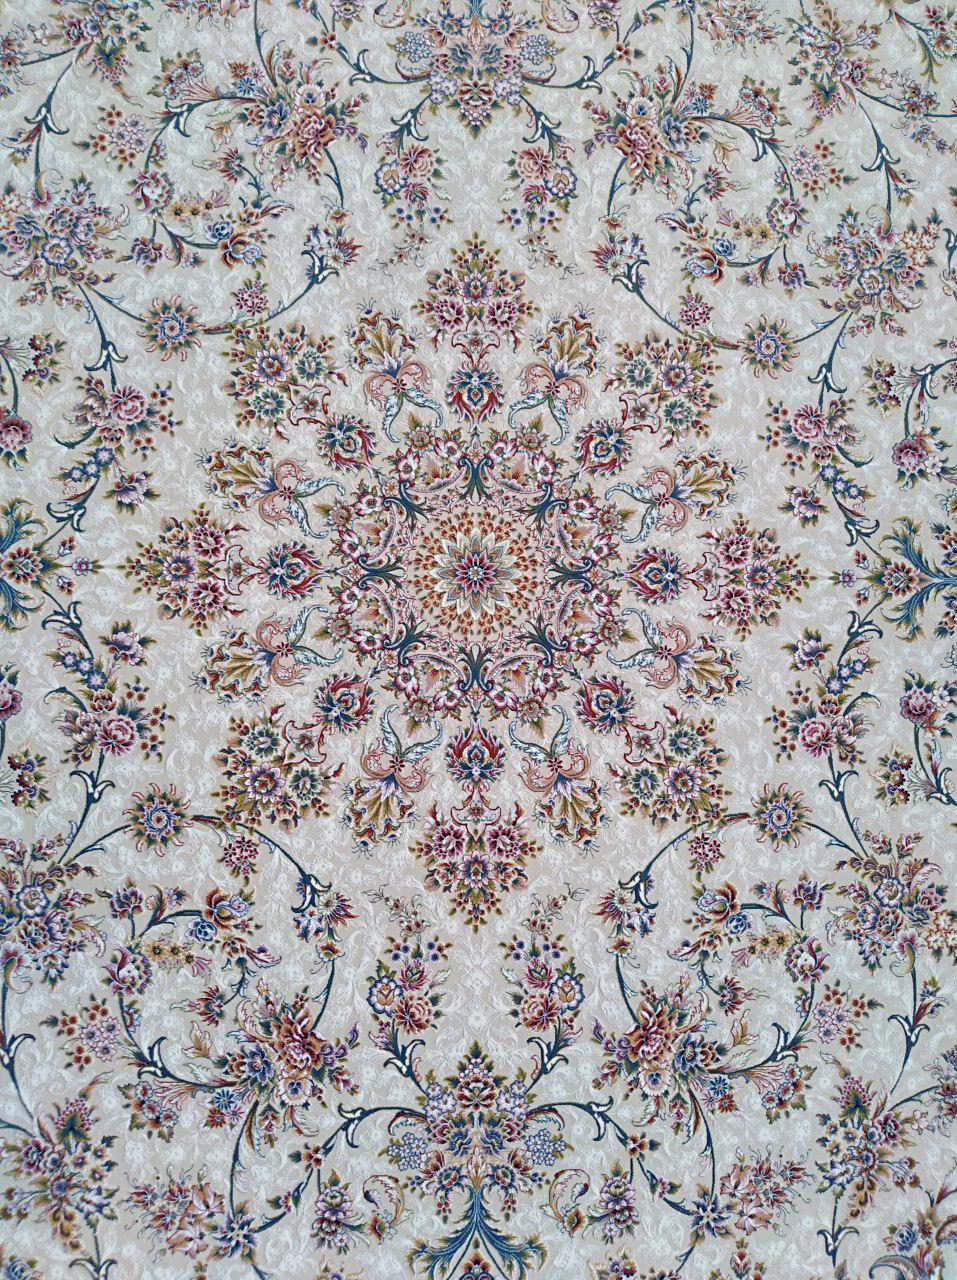 فرش 1200 شانه گل برجسته نقشه افشان خوشه زمینه کرم حاشیه سرمه ای